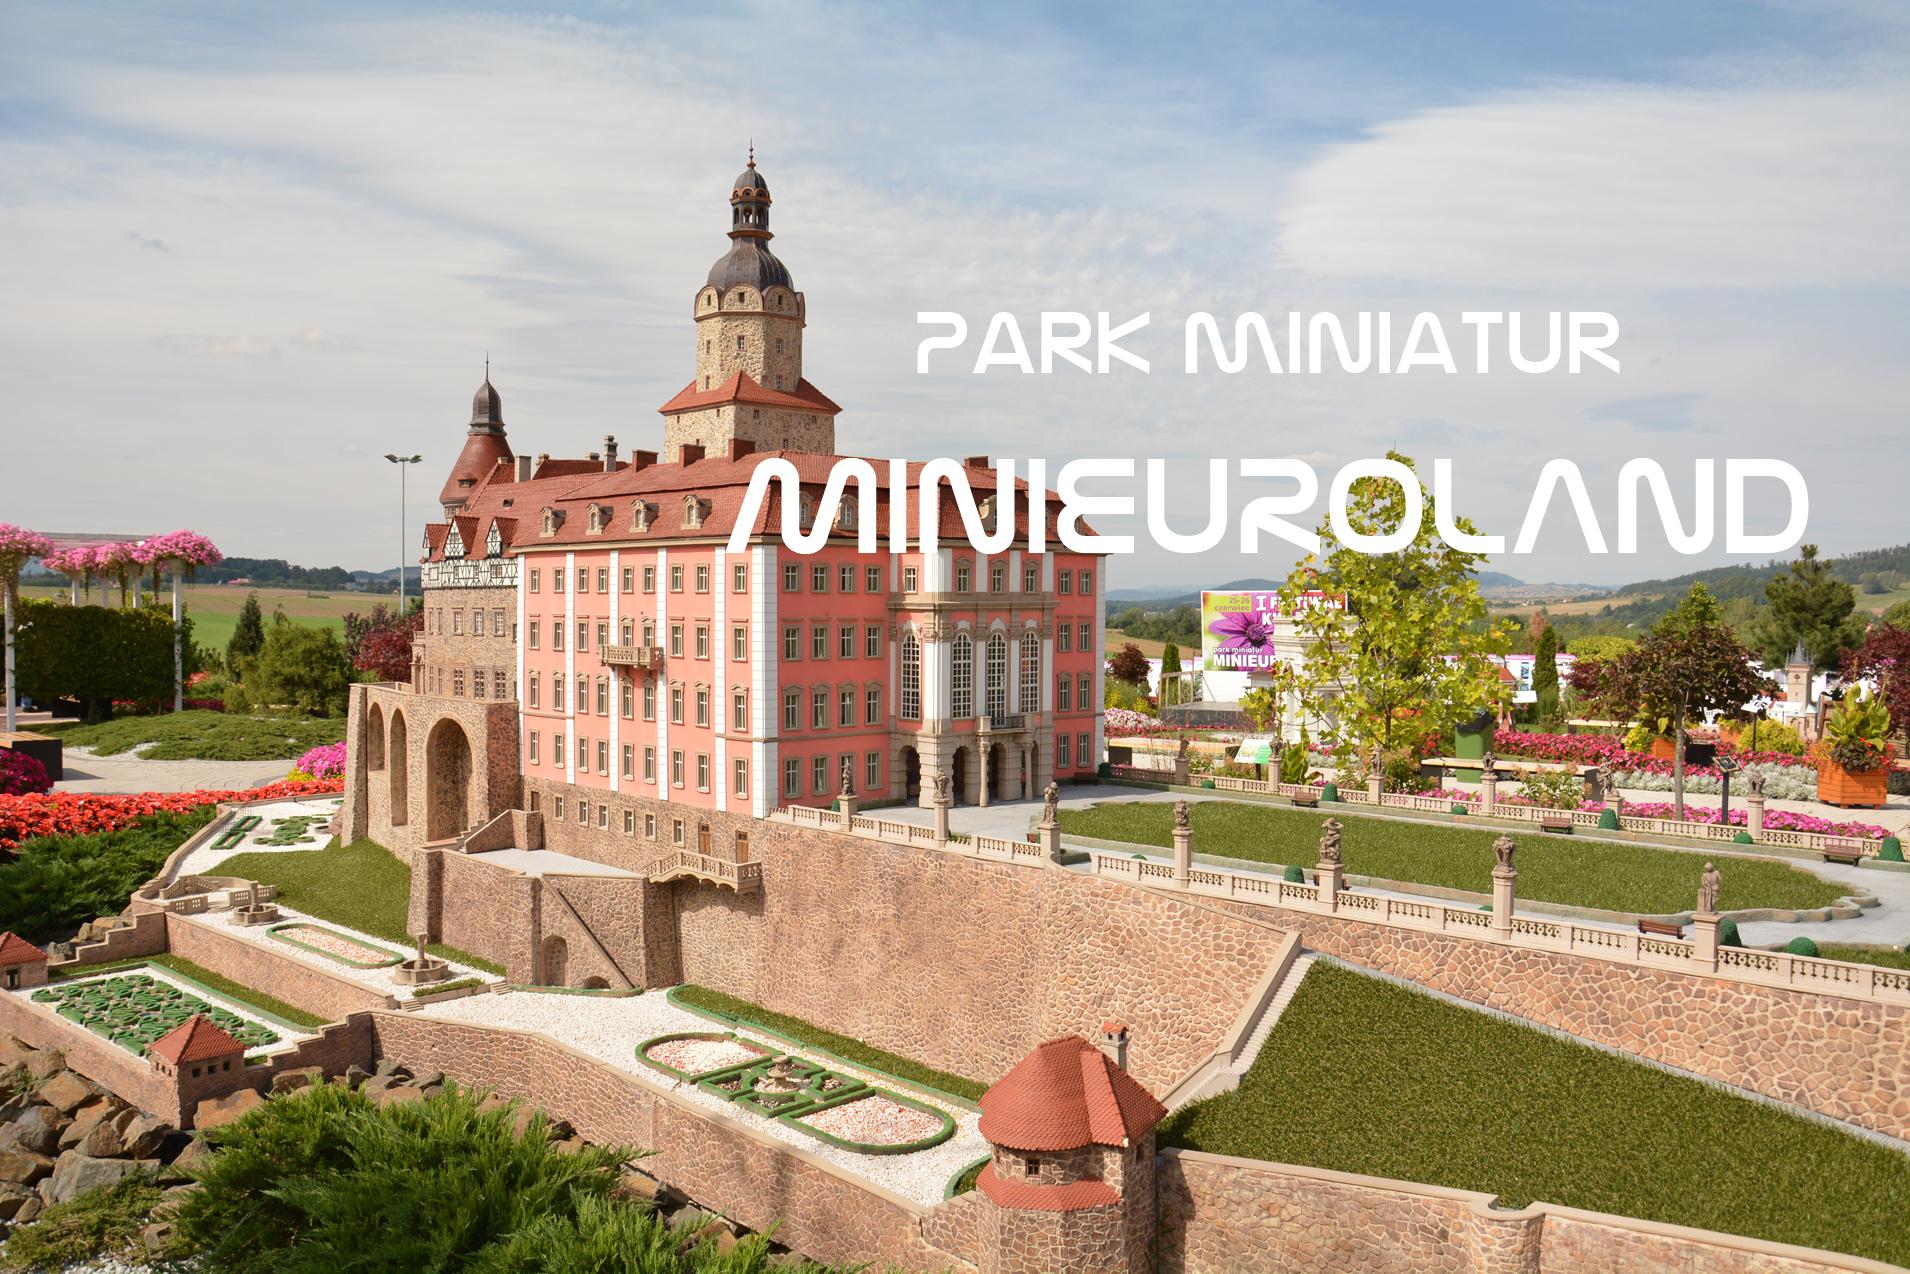 Park Miniatur MiniEUROLAND - jedna z najchętniej odwiedzanych atrakcji turystycznych Ziemi Kłodzkiej.